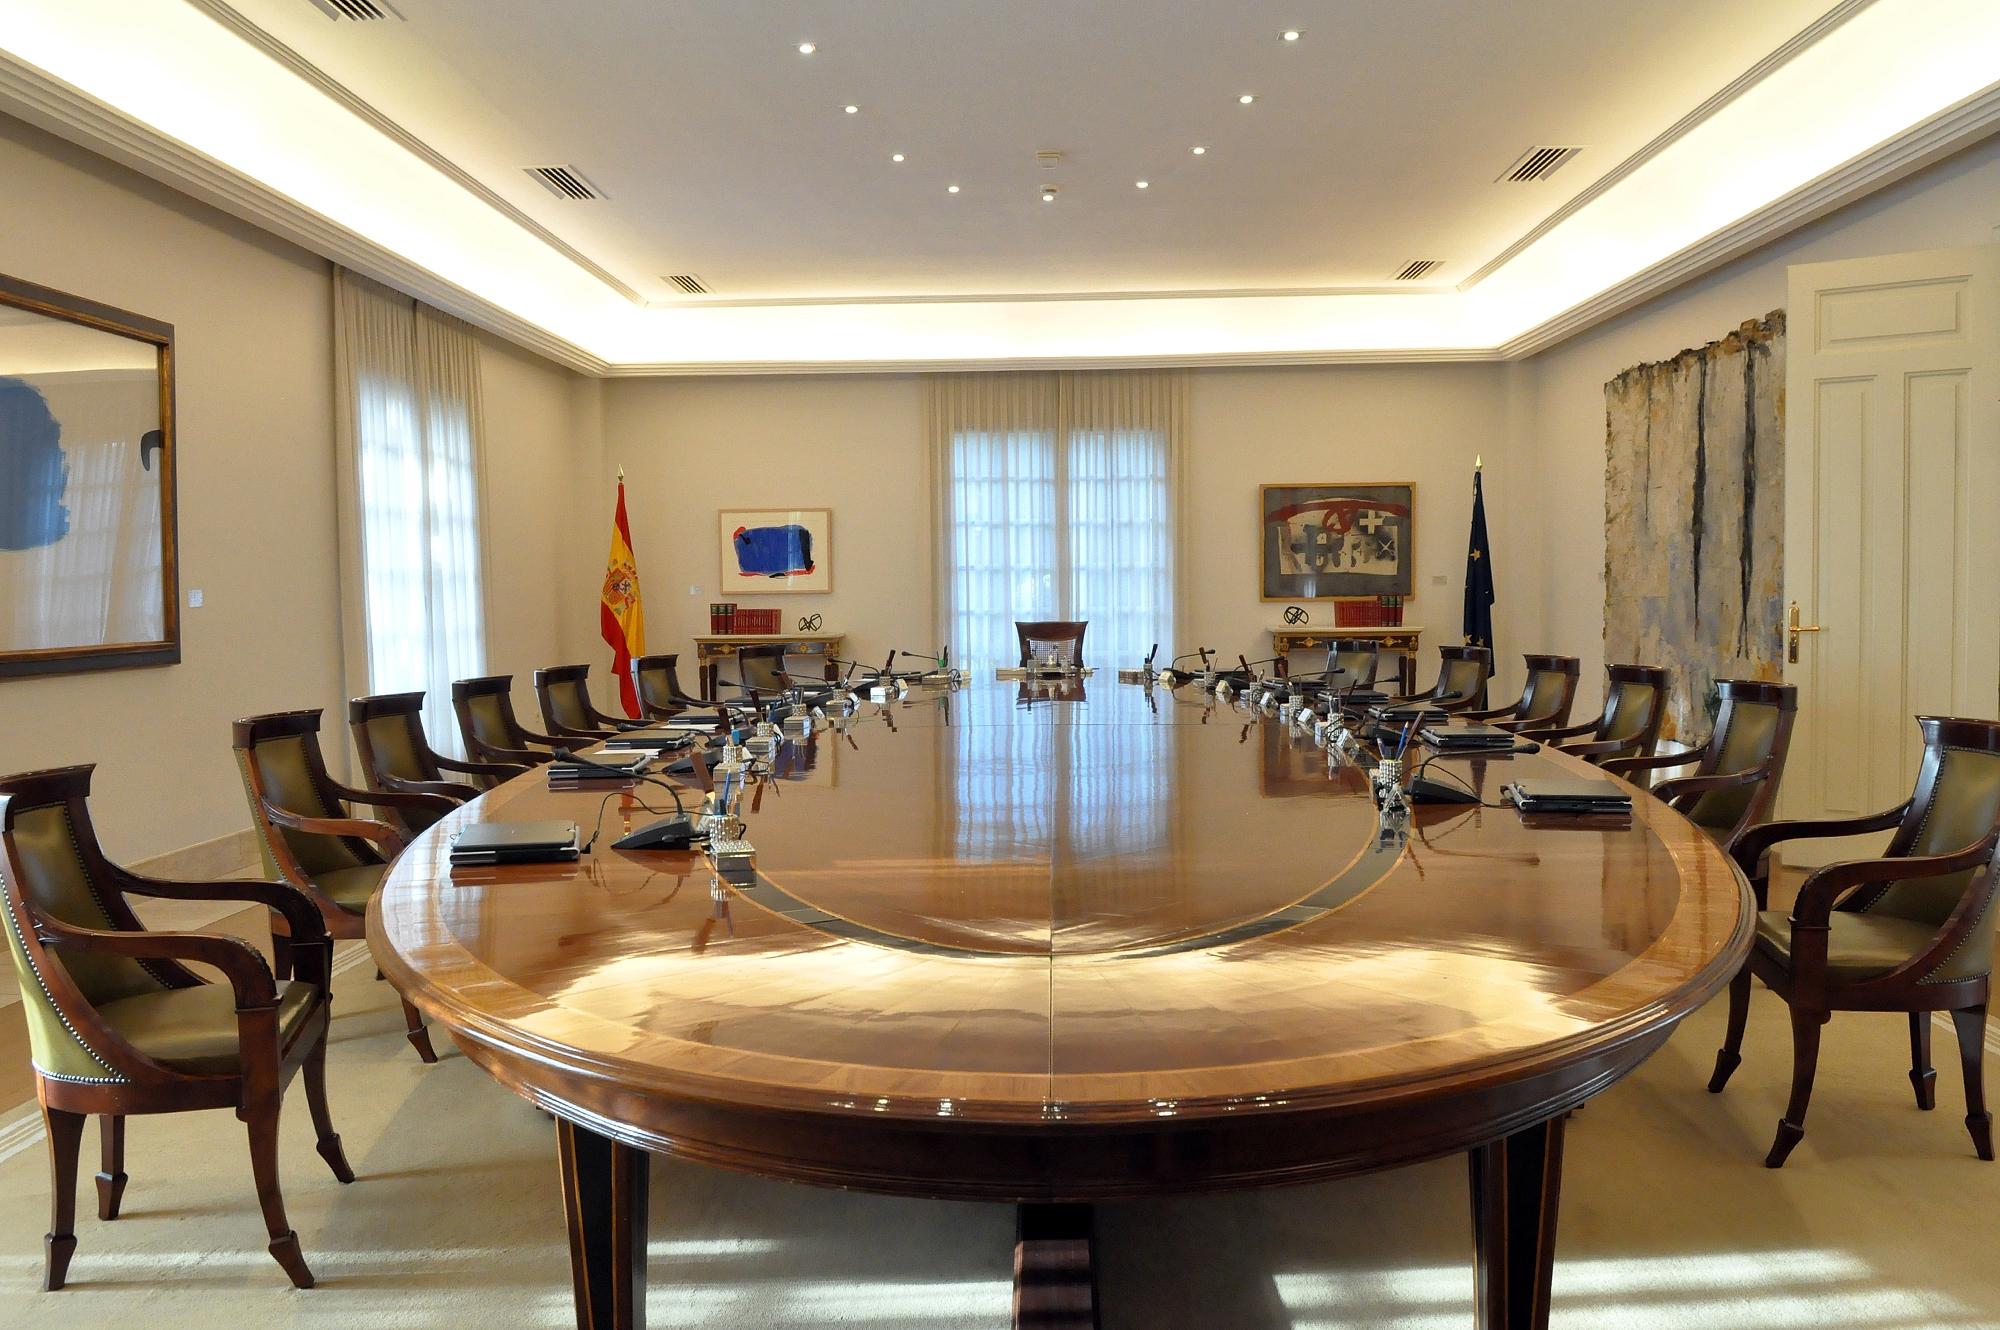 Cabecera Novedades Consejo Minisitros - Noticias DaCO Asesores